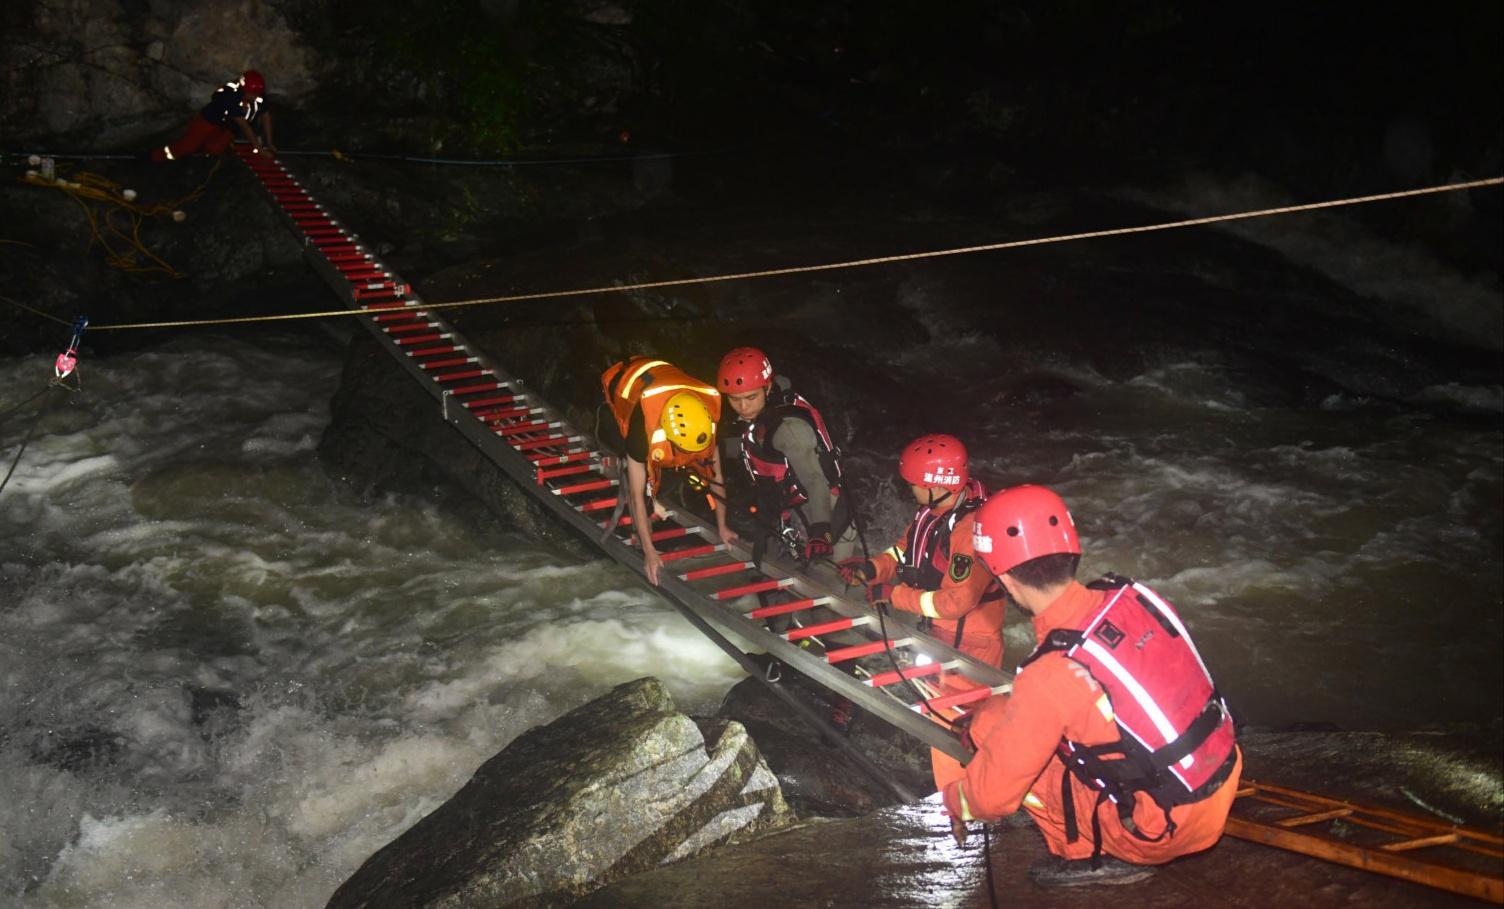 为救被困人员不幸被山洪冲走 消防员遗体被找到